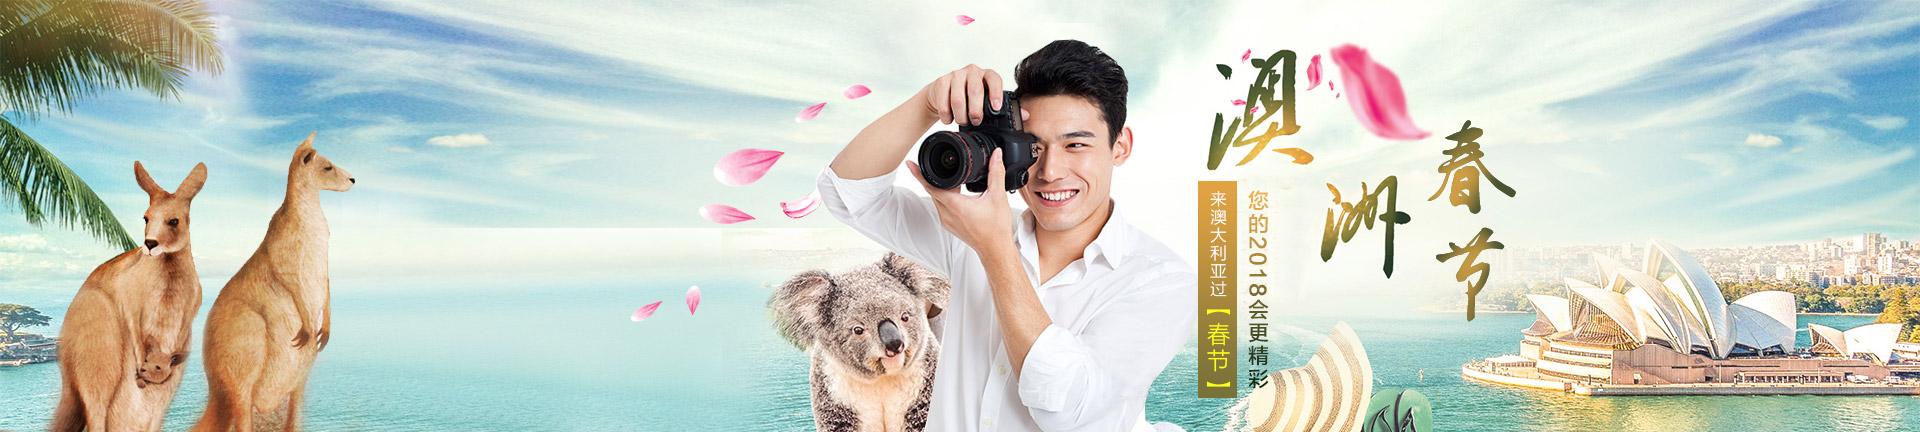 春节澳洲旅游